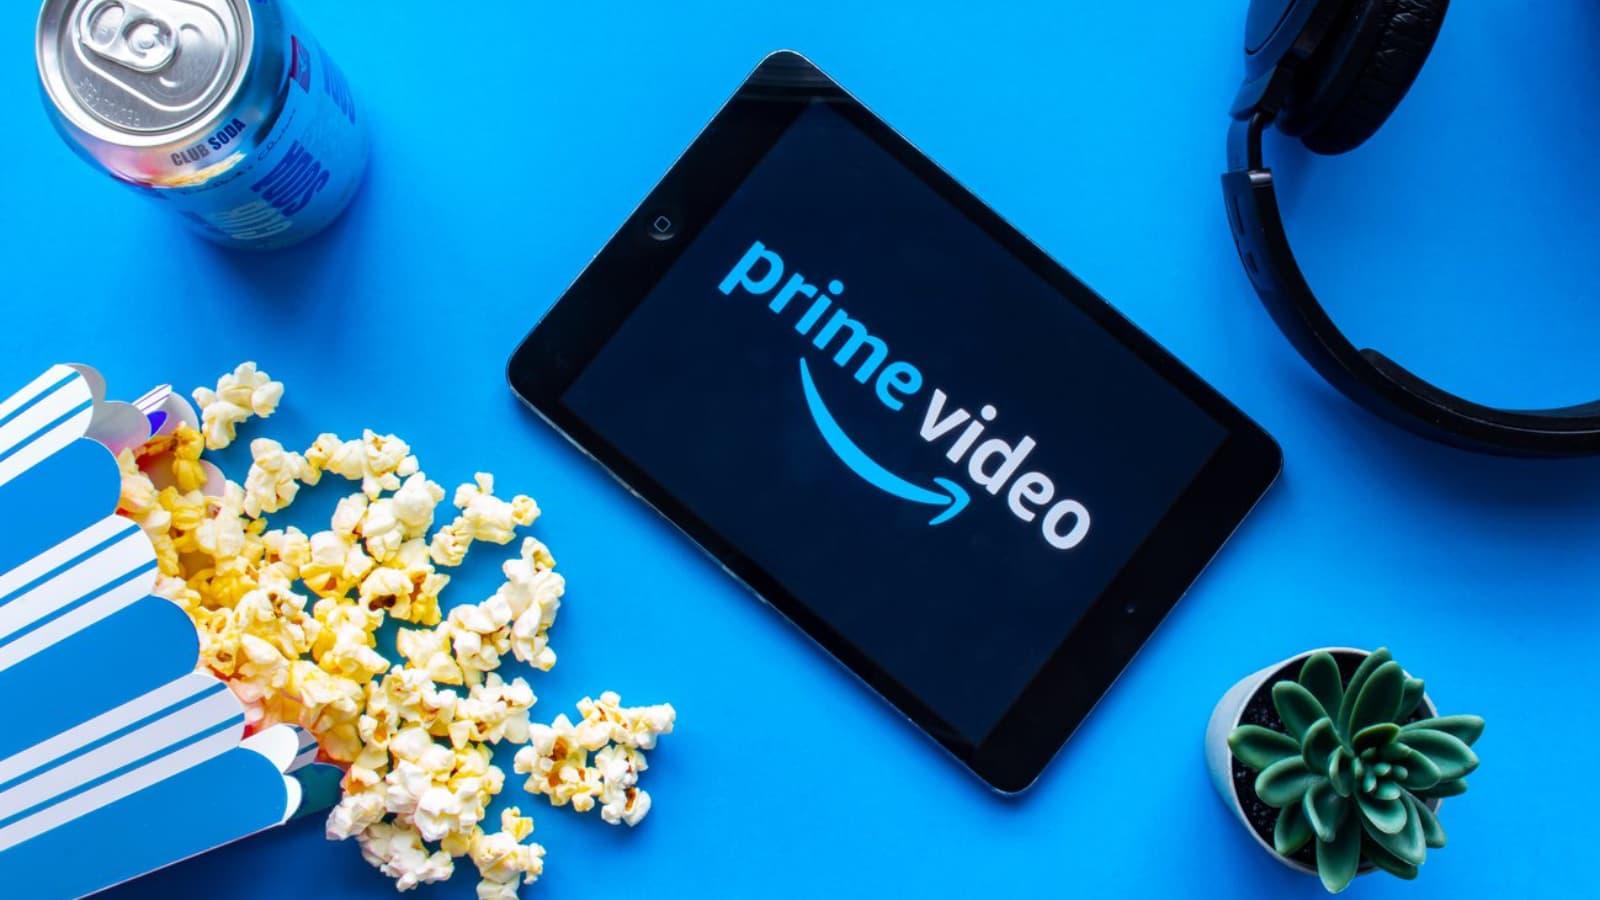 Les meilleurs films, séries, docus livrés chez vous avec Prime Video